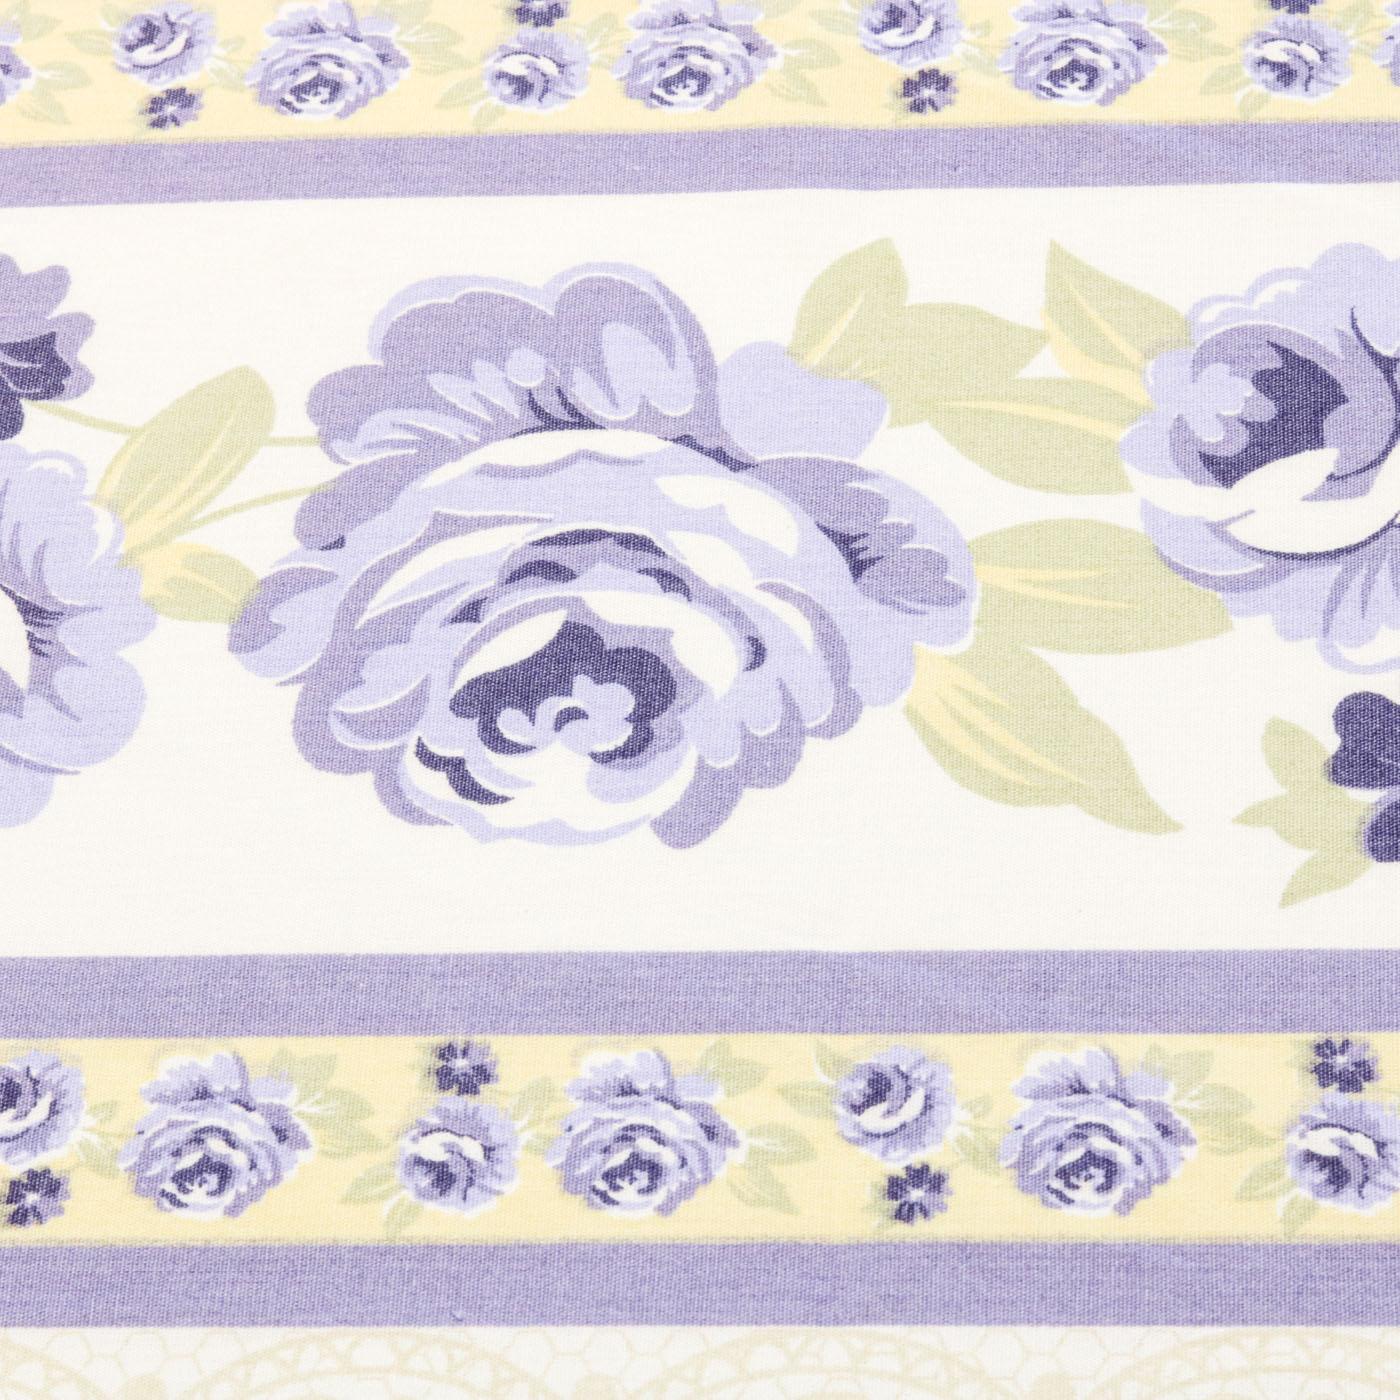 Tecido Percal Estampado 180 Fios 2,50m Largura Flores Azuis